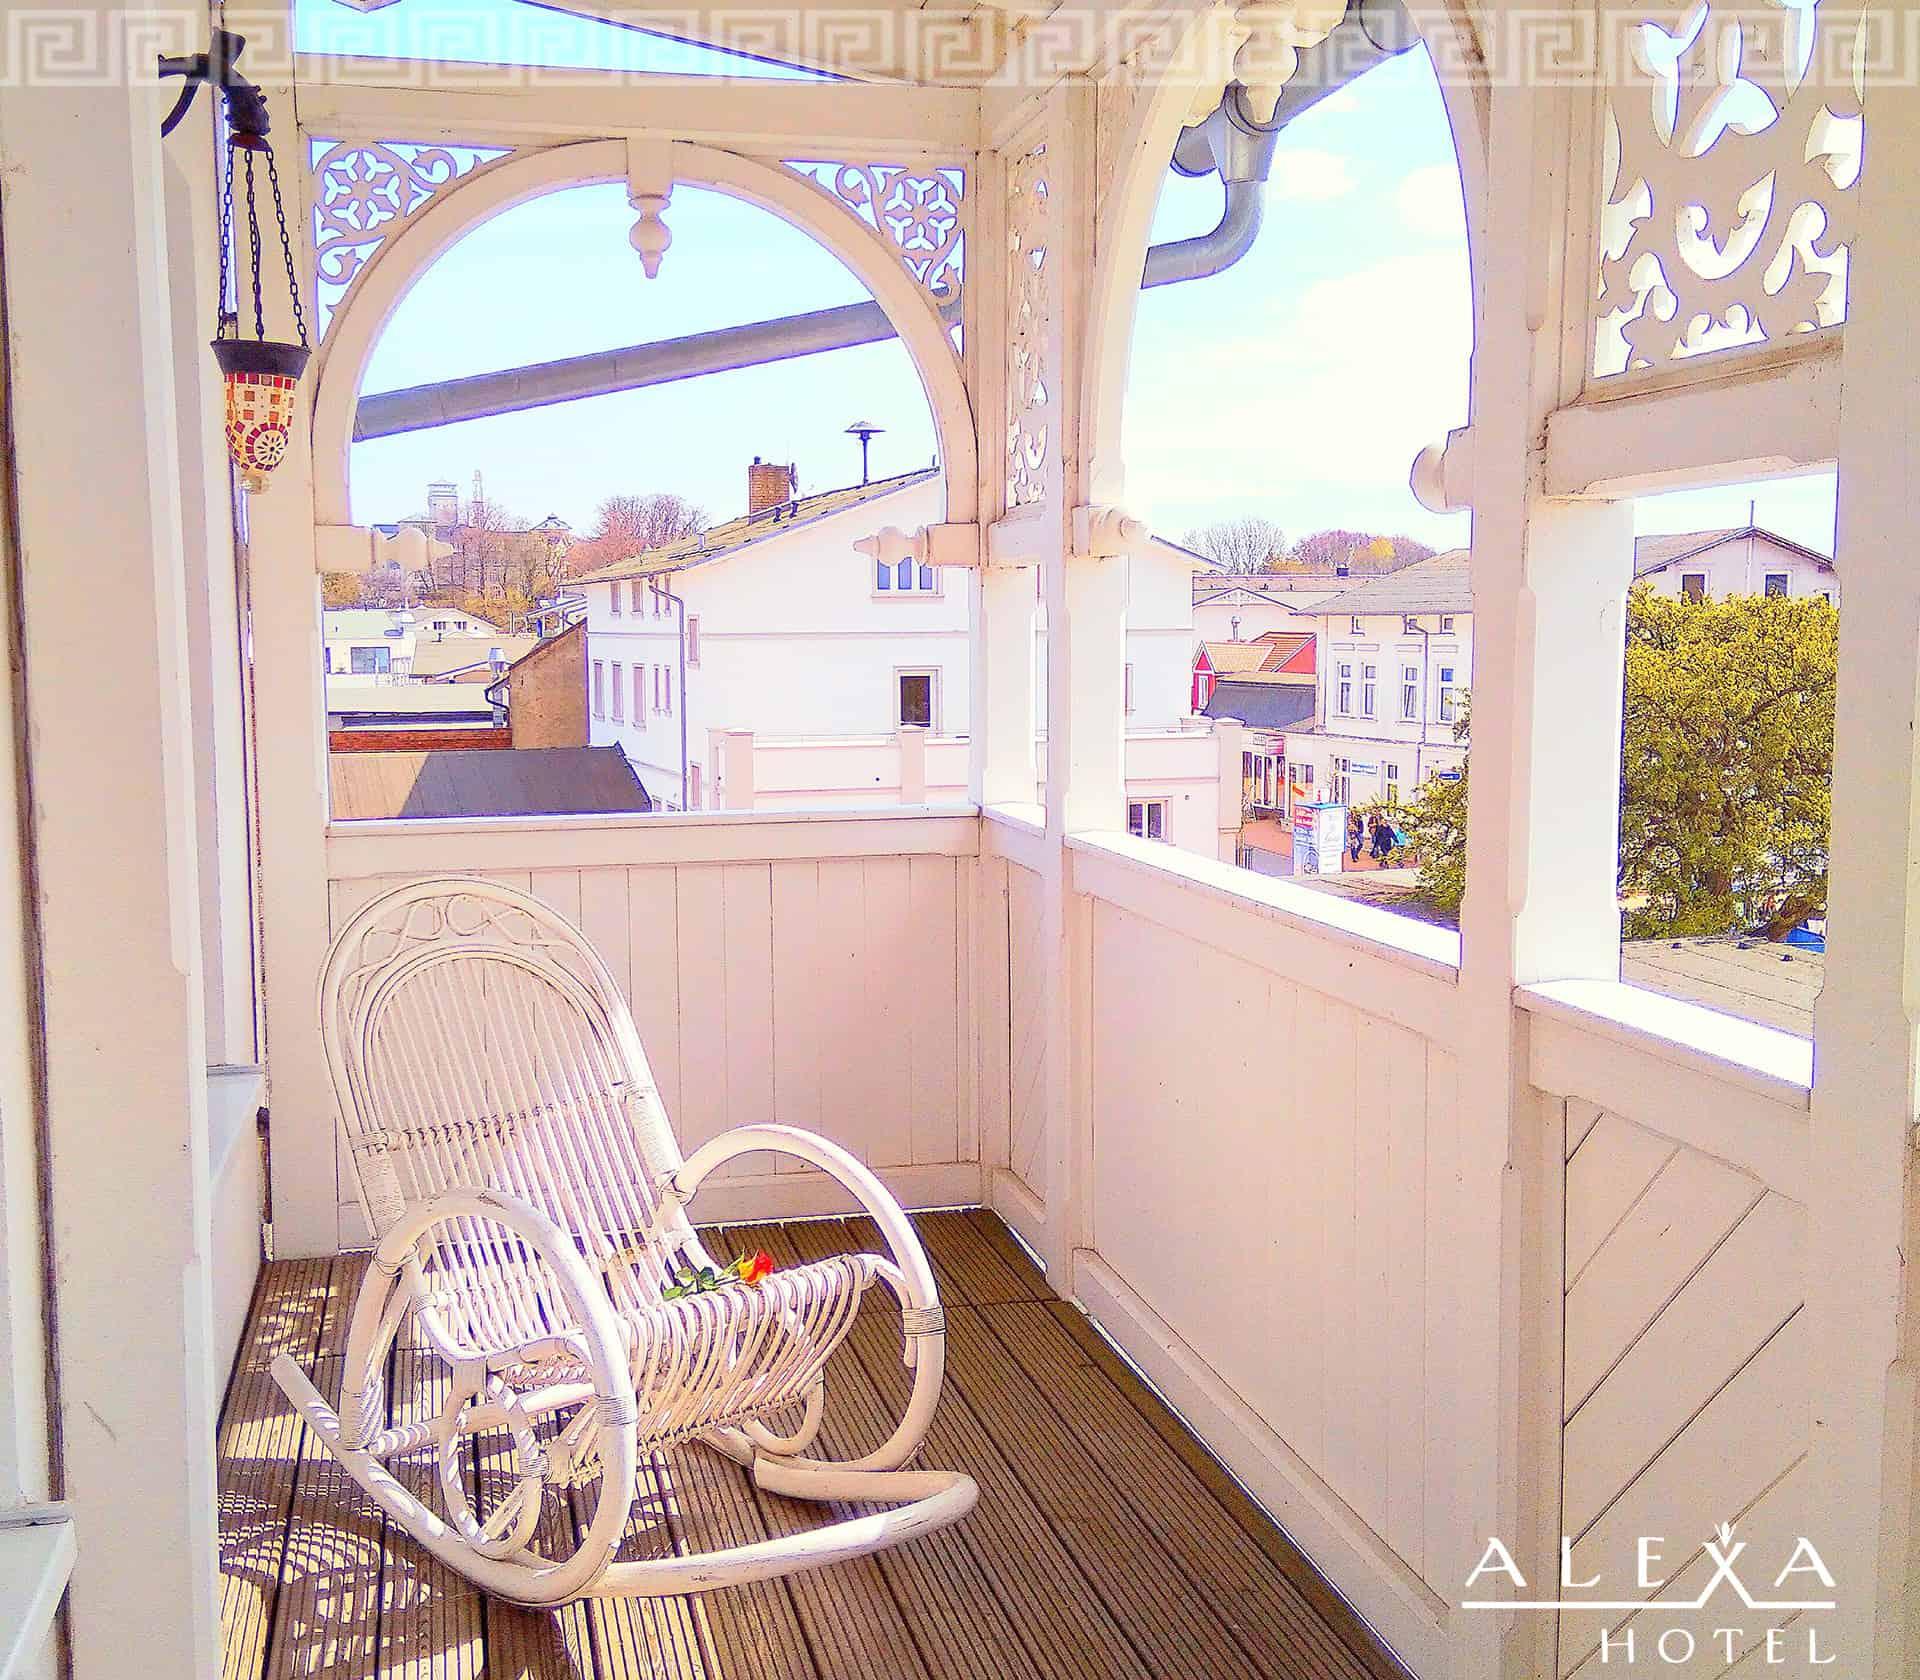 Balkon - Alexa Hotel